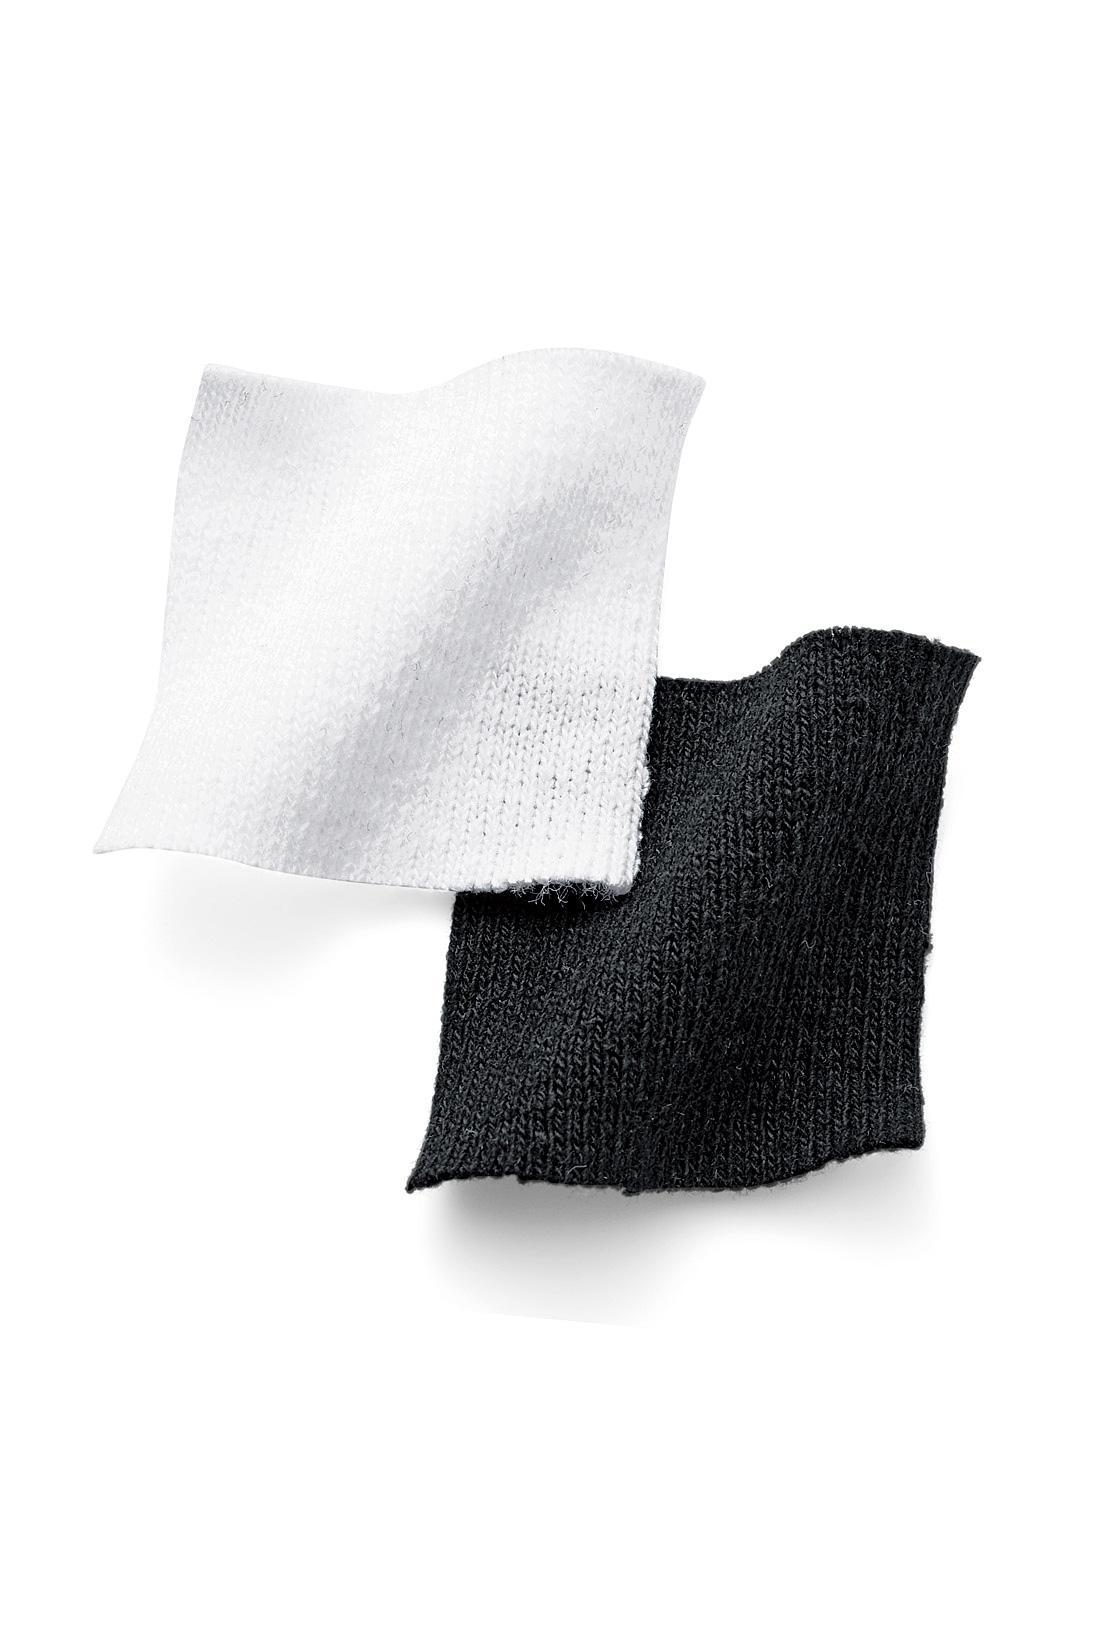 しっかりと厚みがあるヘビーオンスの綿100%だから透けにくく、ほどよい張りも。 ※お届けするカラーとは異なります。